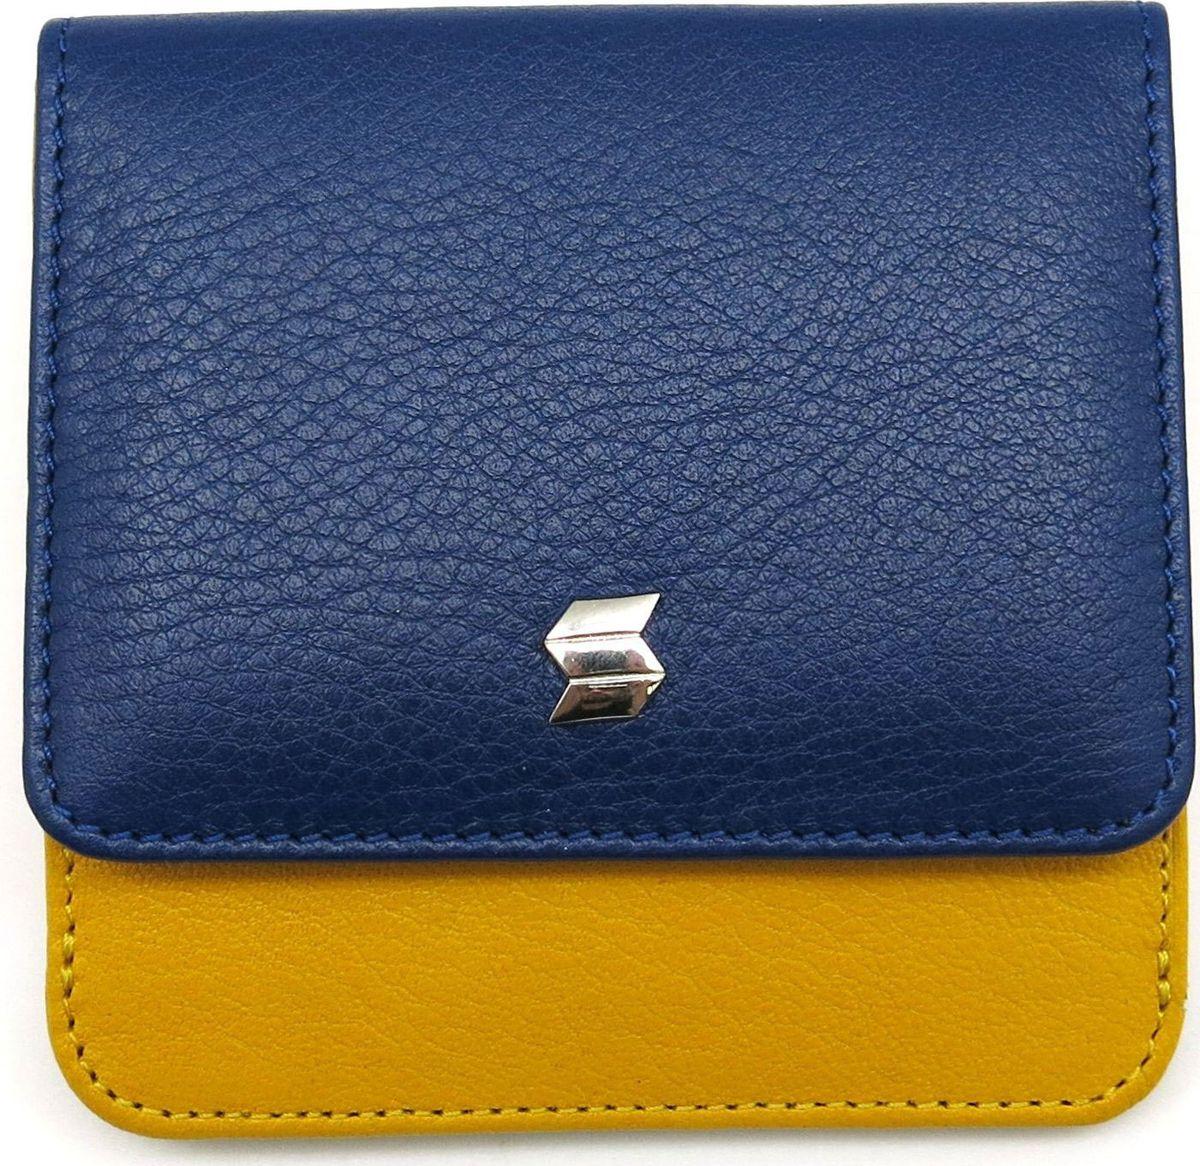 Портмоне женское Soltan, цвет: синий, желтый. 300 02 07/08